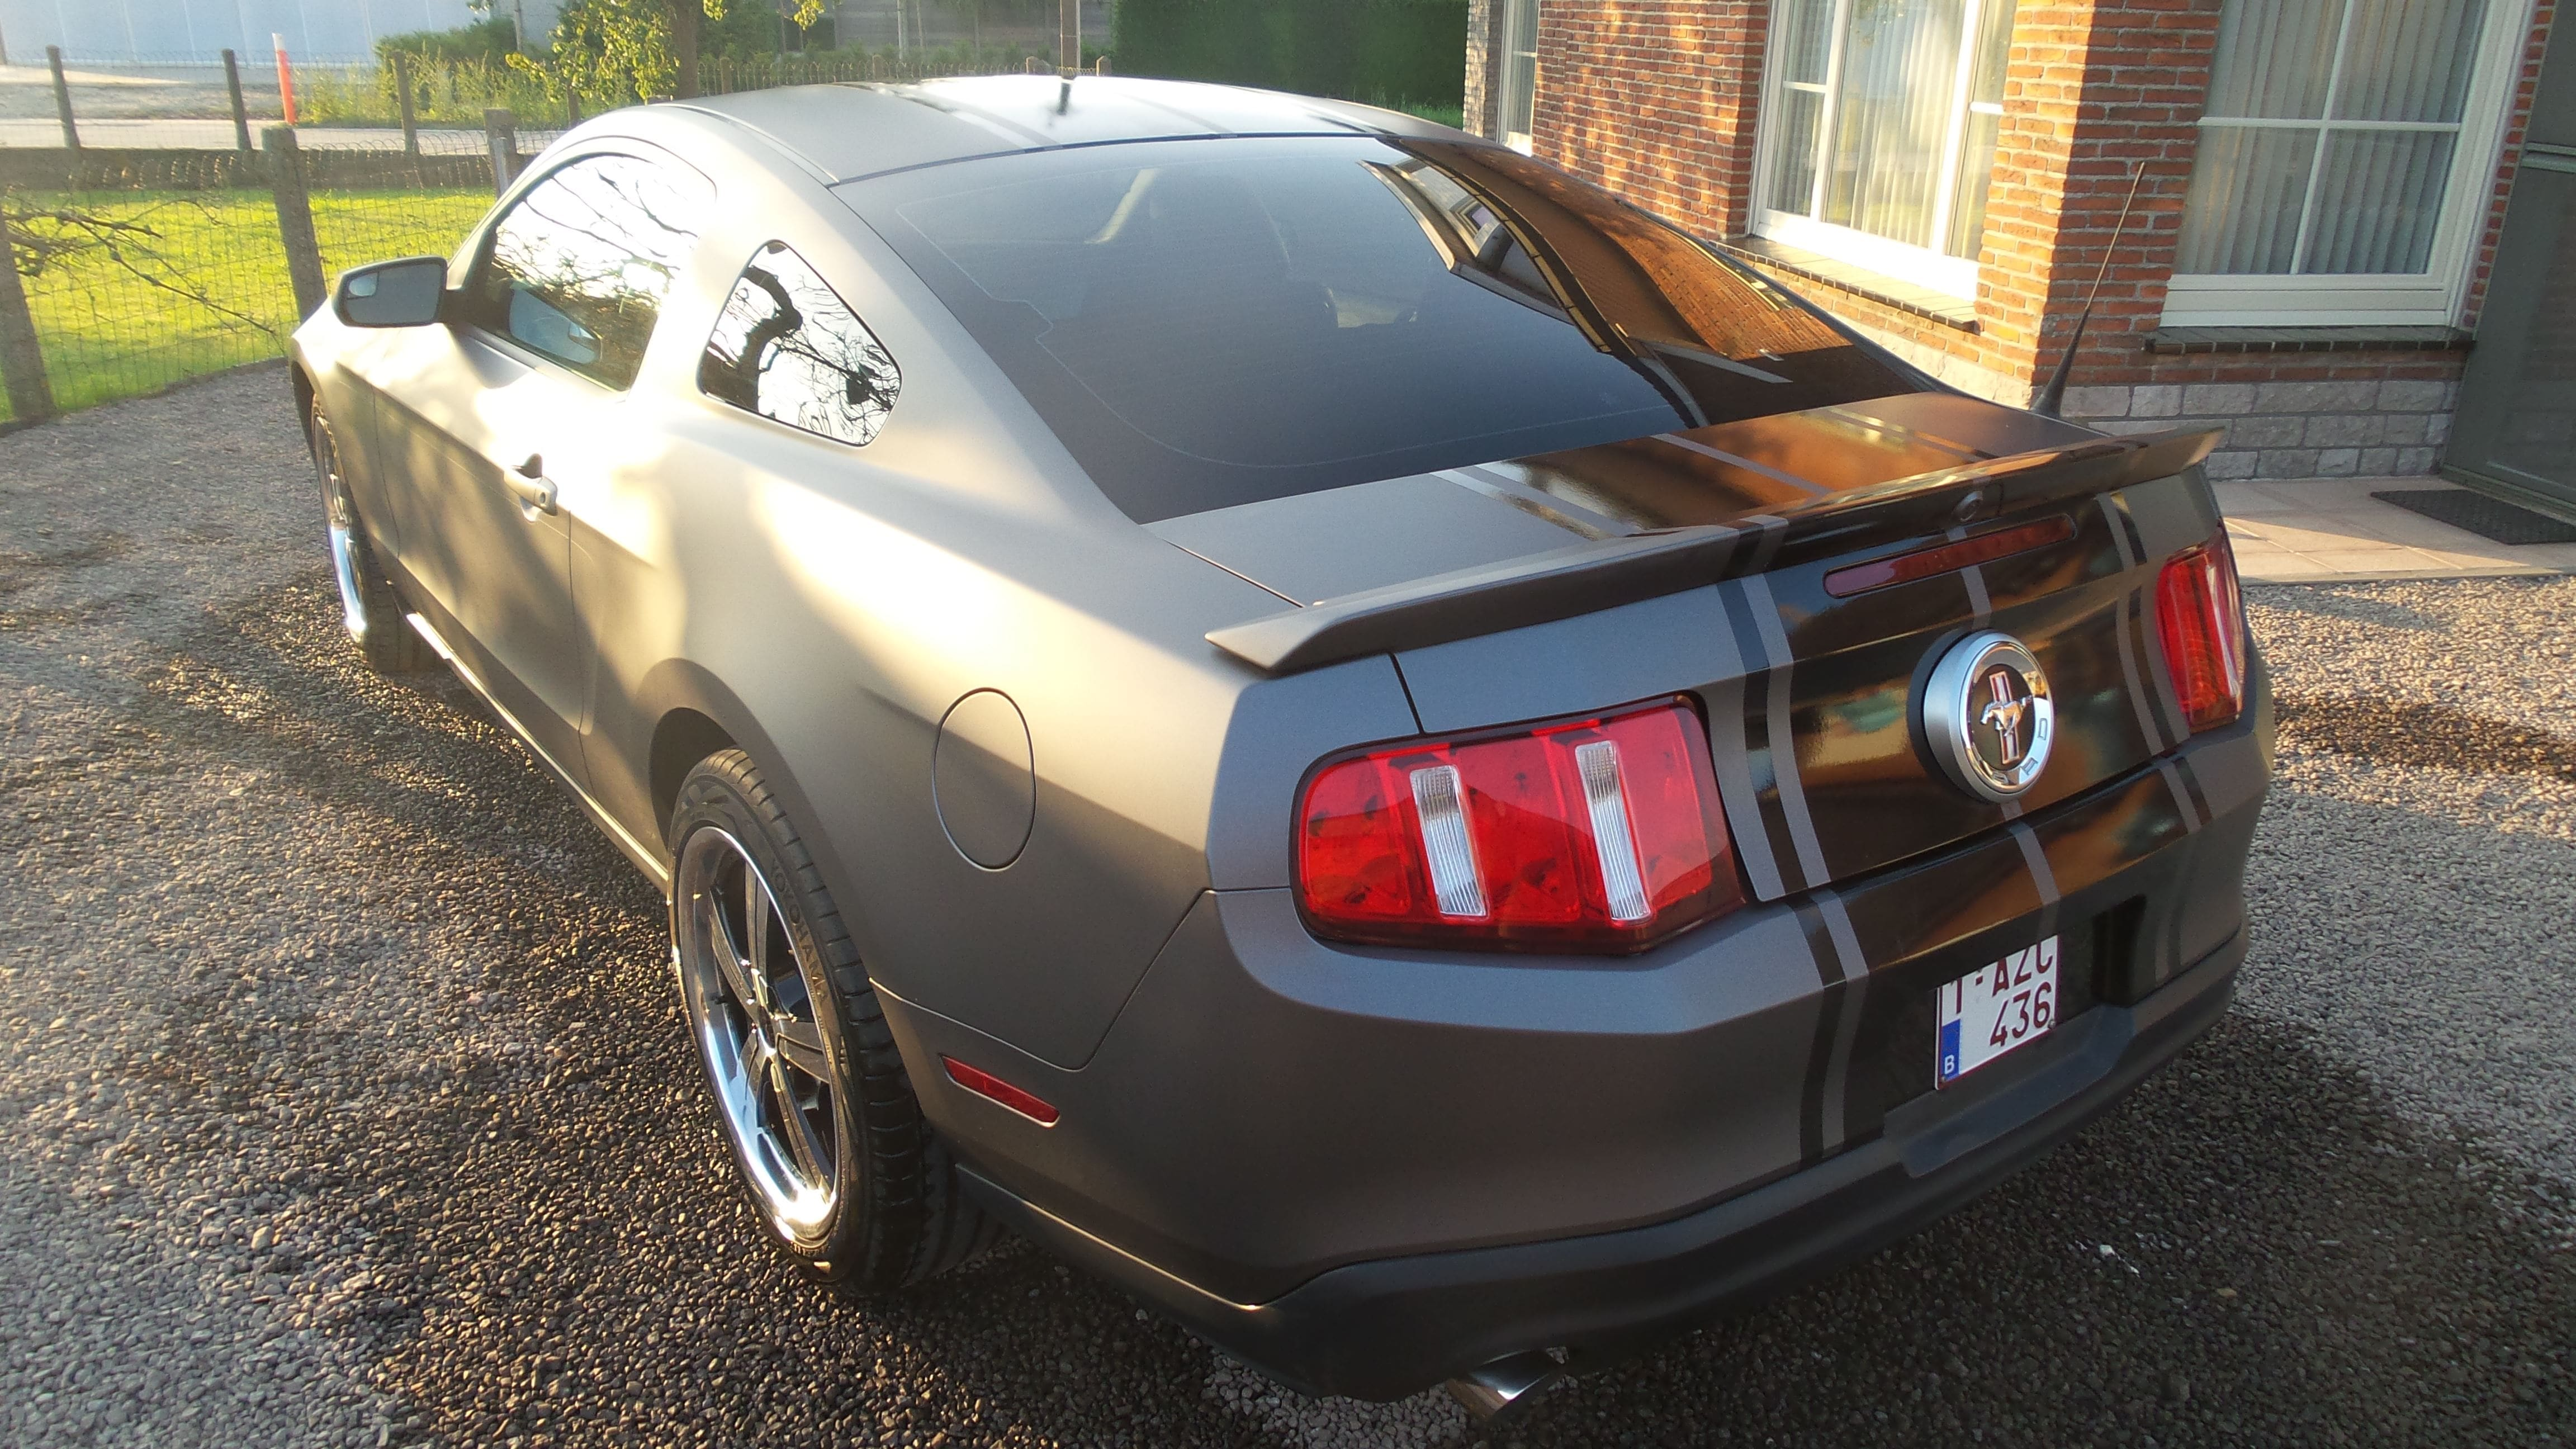 Ford Mustang 2009 met Gunpowder Wrap, Carwrapping door Wrapmyride.nu Foto-nr:5811, ©2020